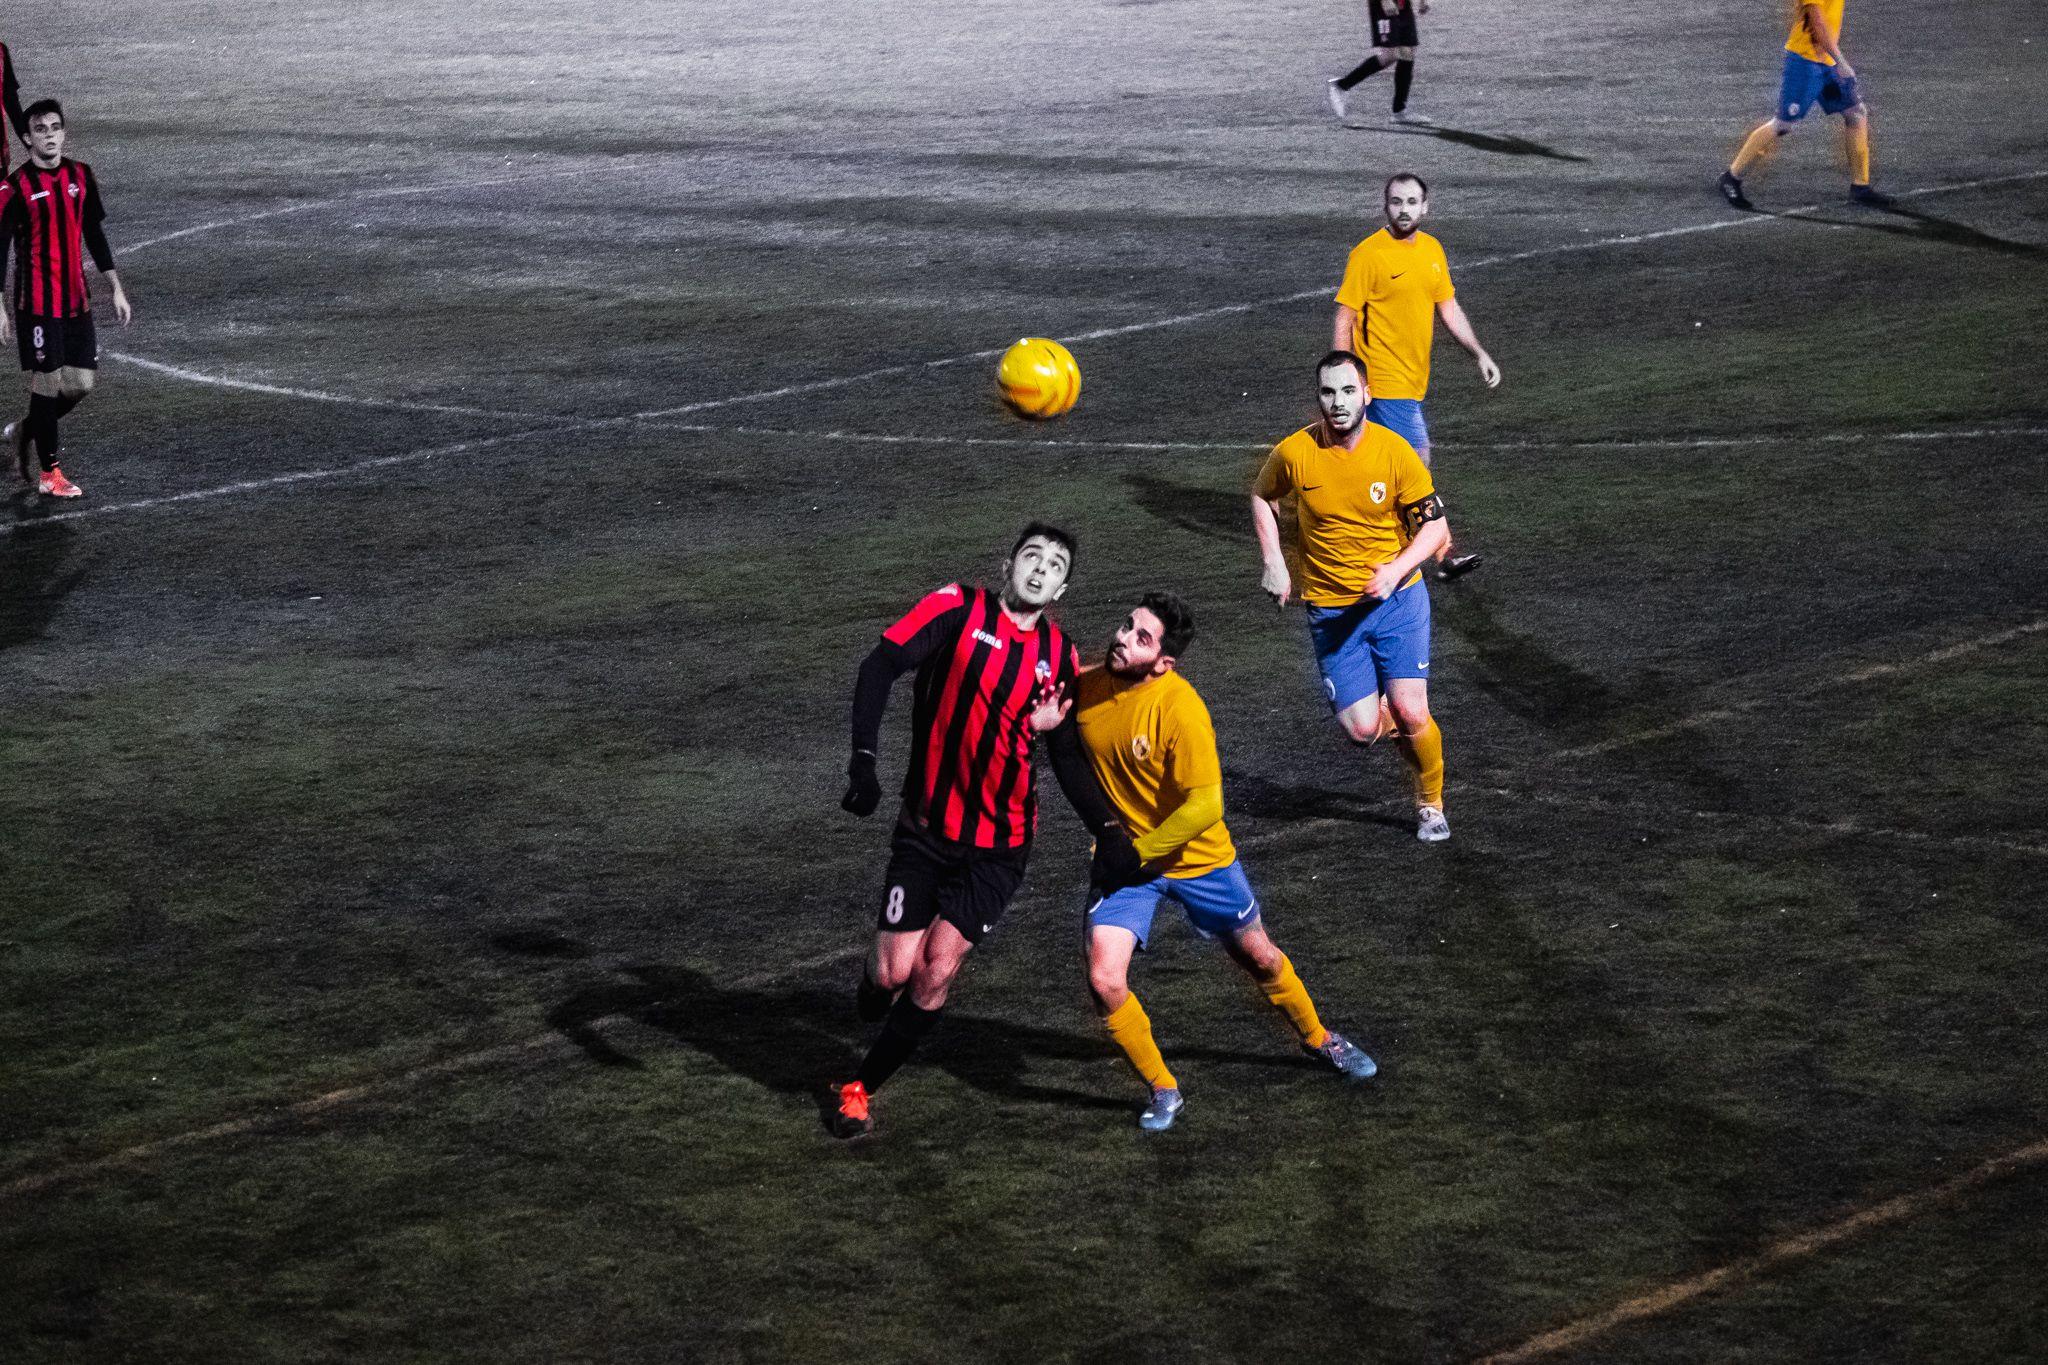 Partit de lliga de fútbol masculí: Sant Cugat FC-CD Fontsanta Fatjó. FOTO: Ale Gómez